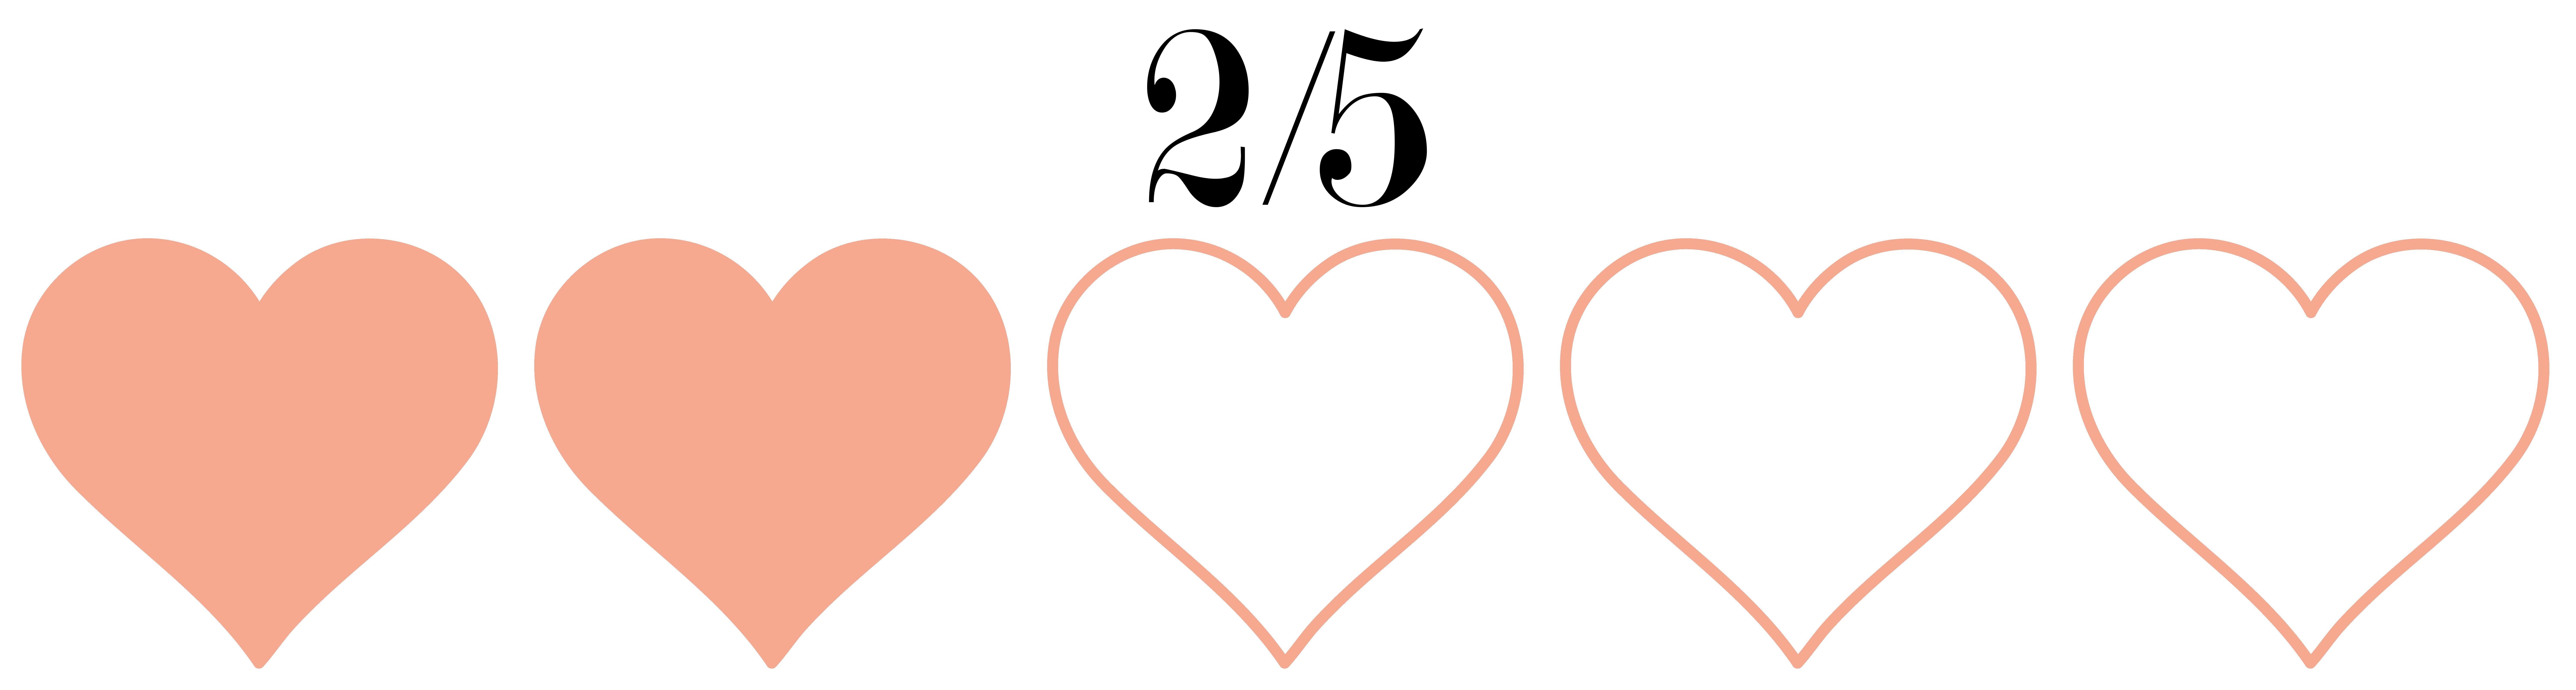 heart rating 2.jpg